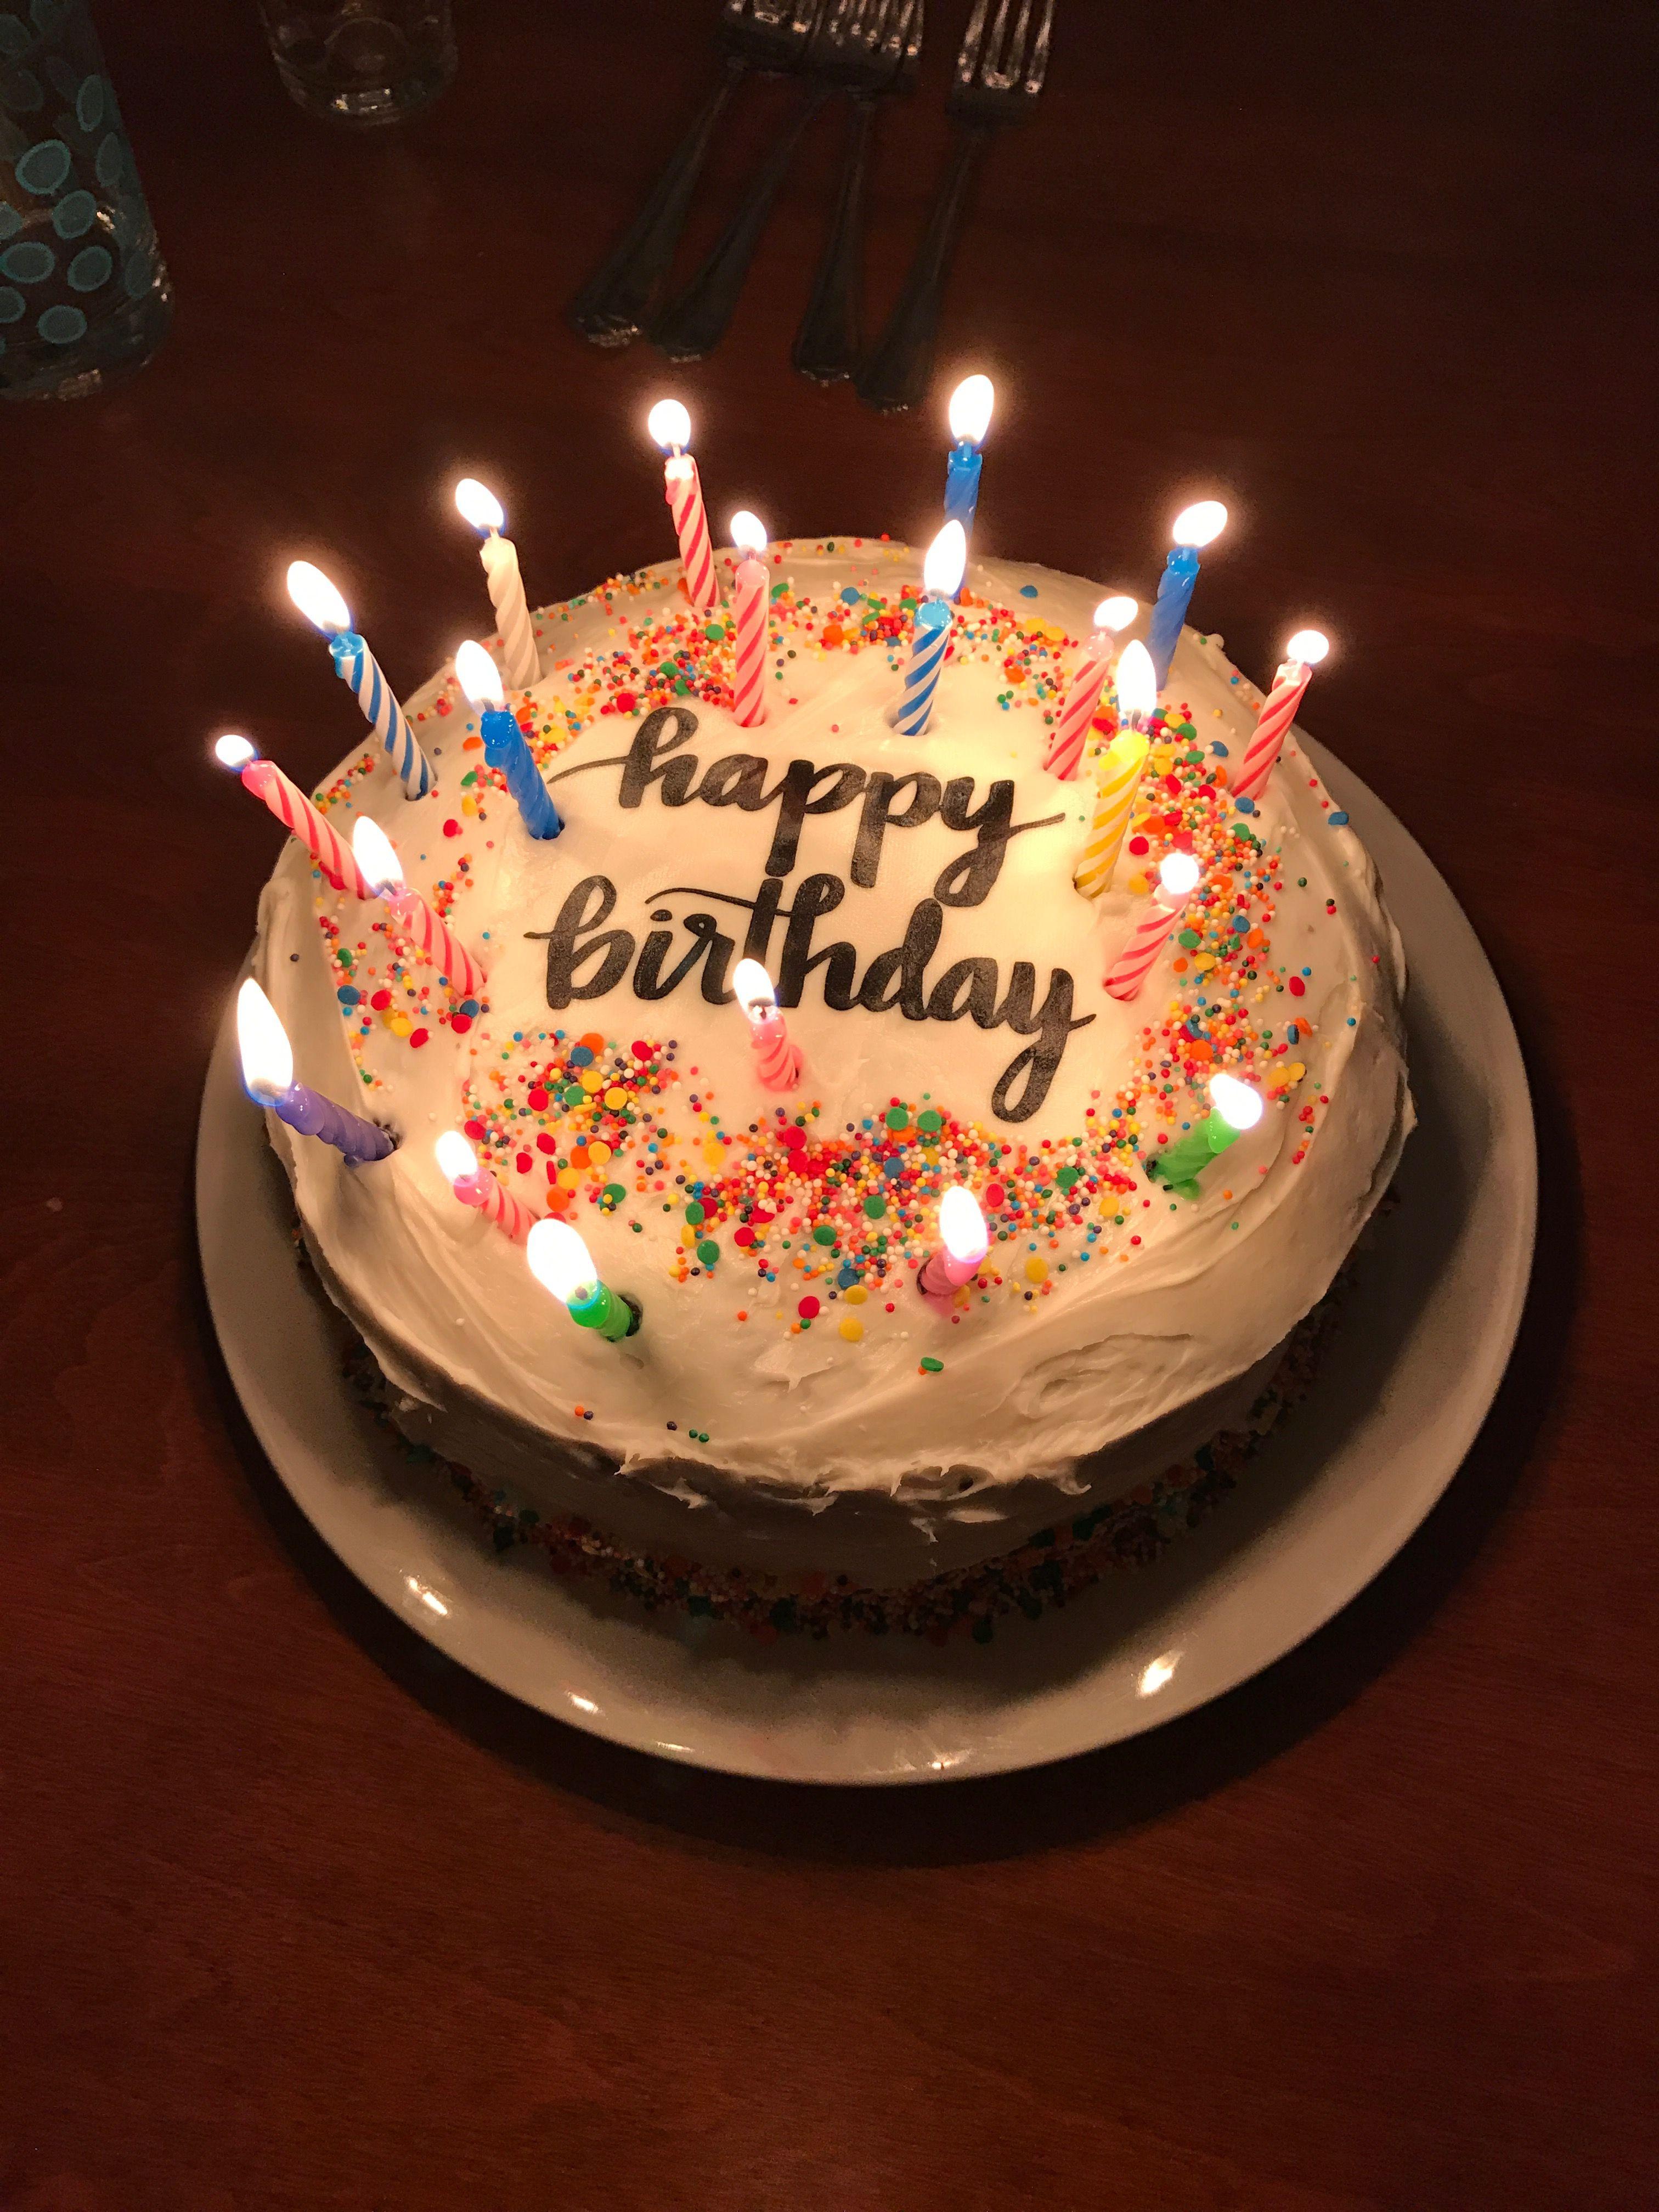 Pin by Kathy's Kitchen on Birthdays Happy birthday cake